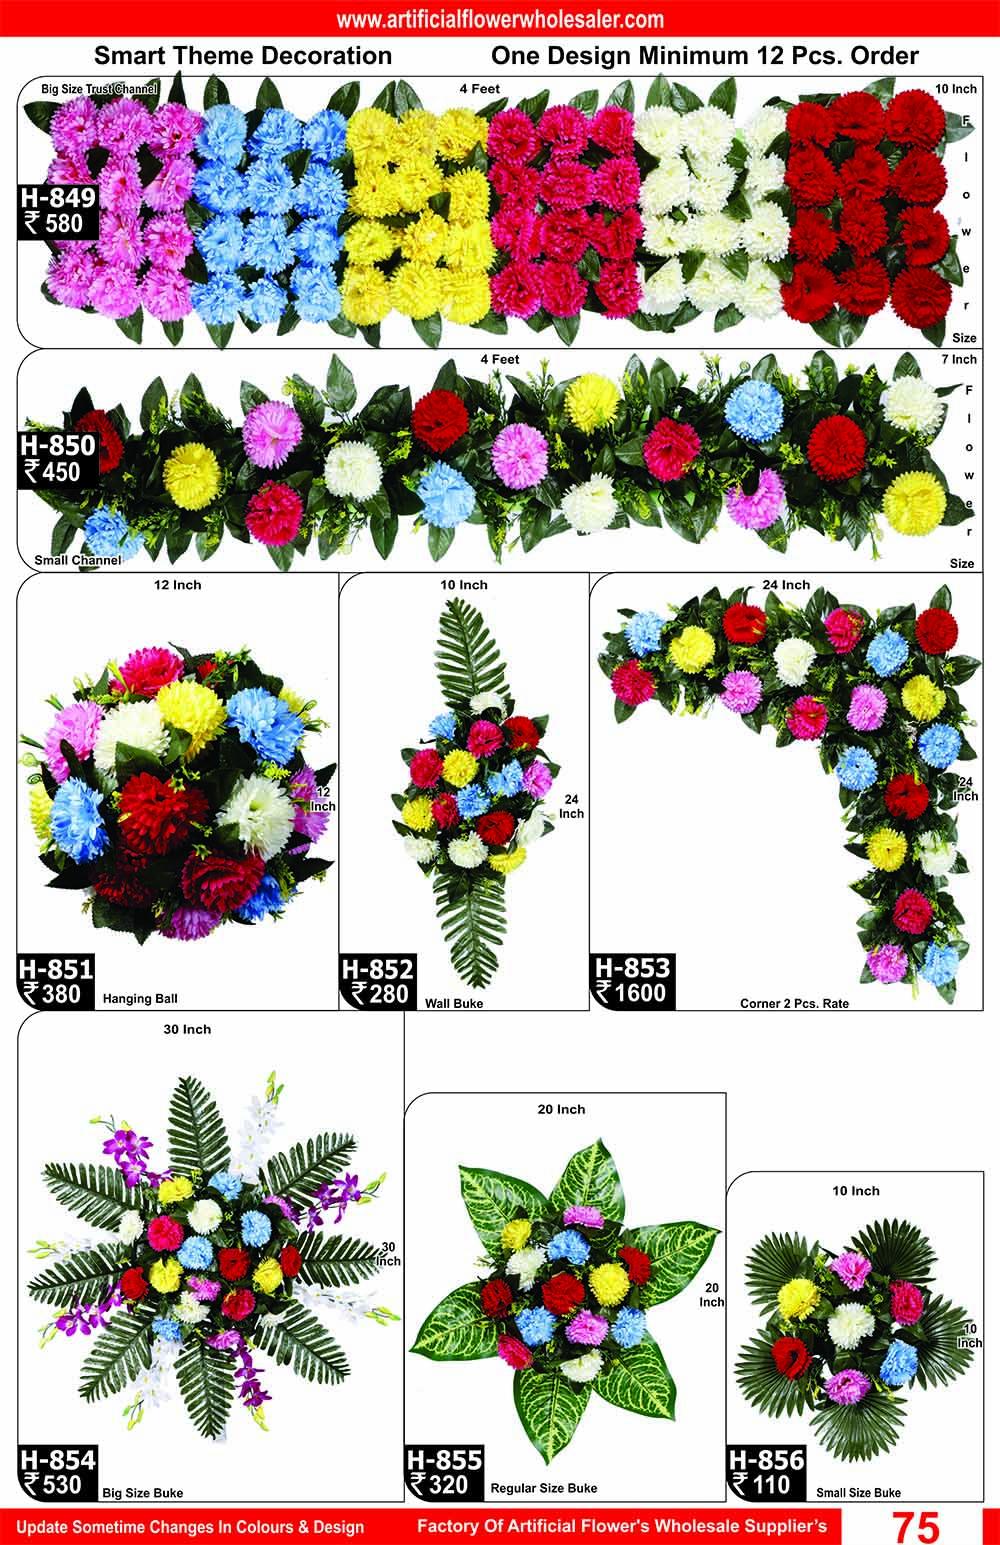 75-artificial-flower-wholesaler